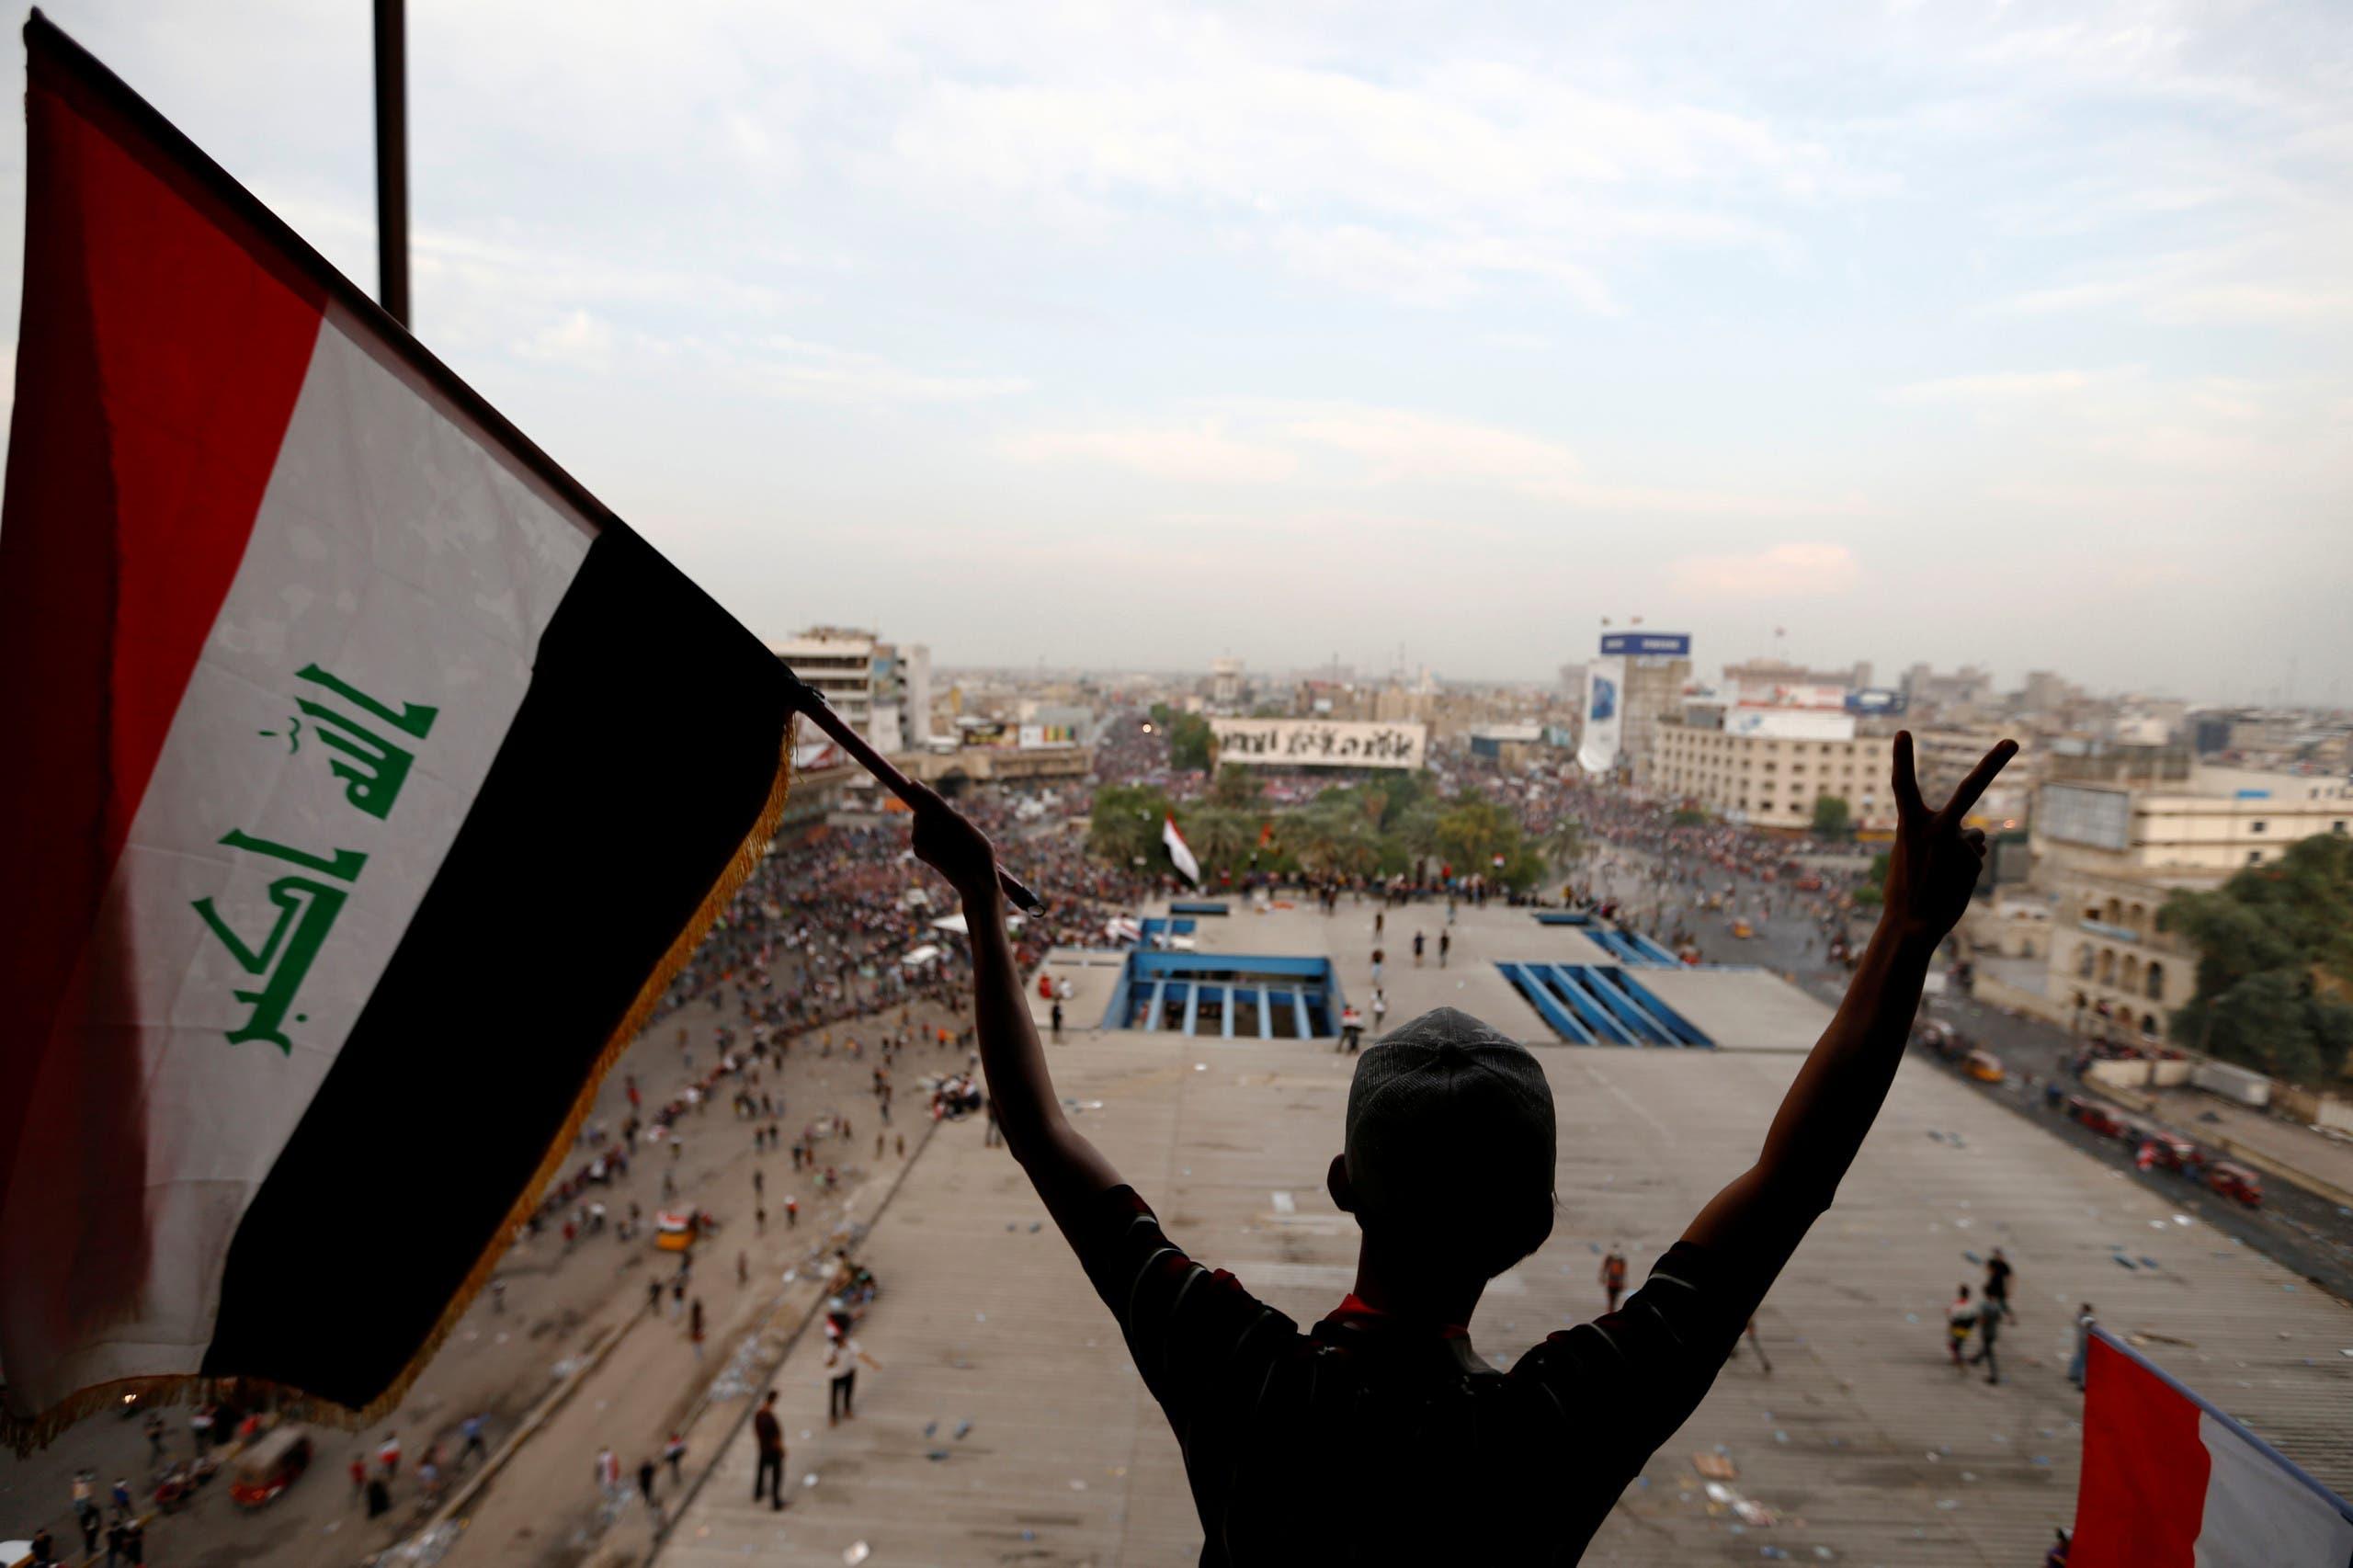 انتشار امني مكثف جنوبي العراق.. والبرلمان يتقصى الحقائق في النجف